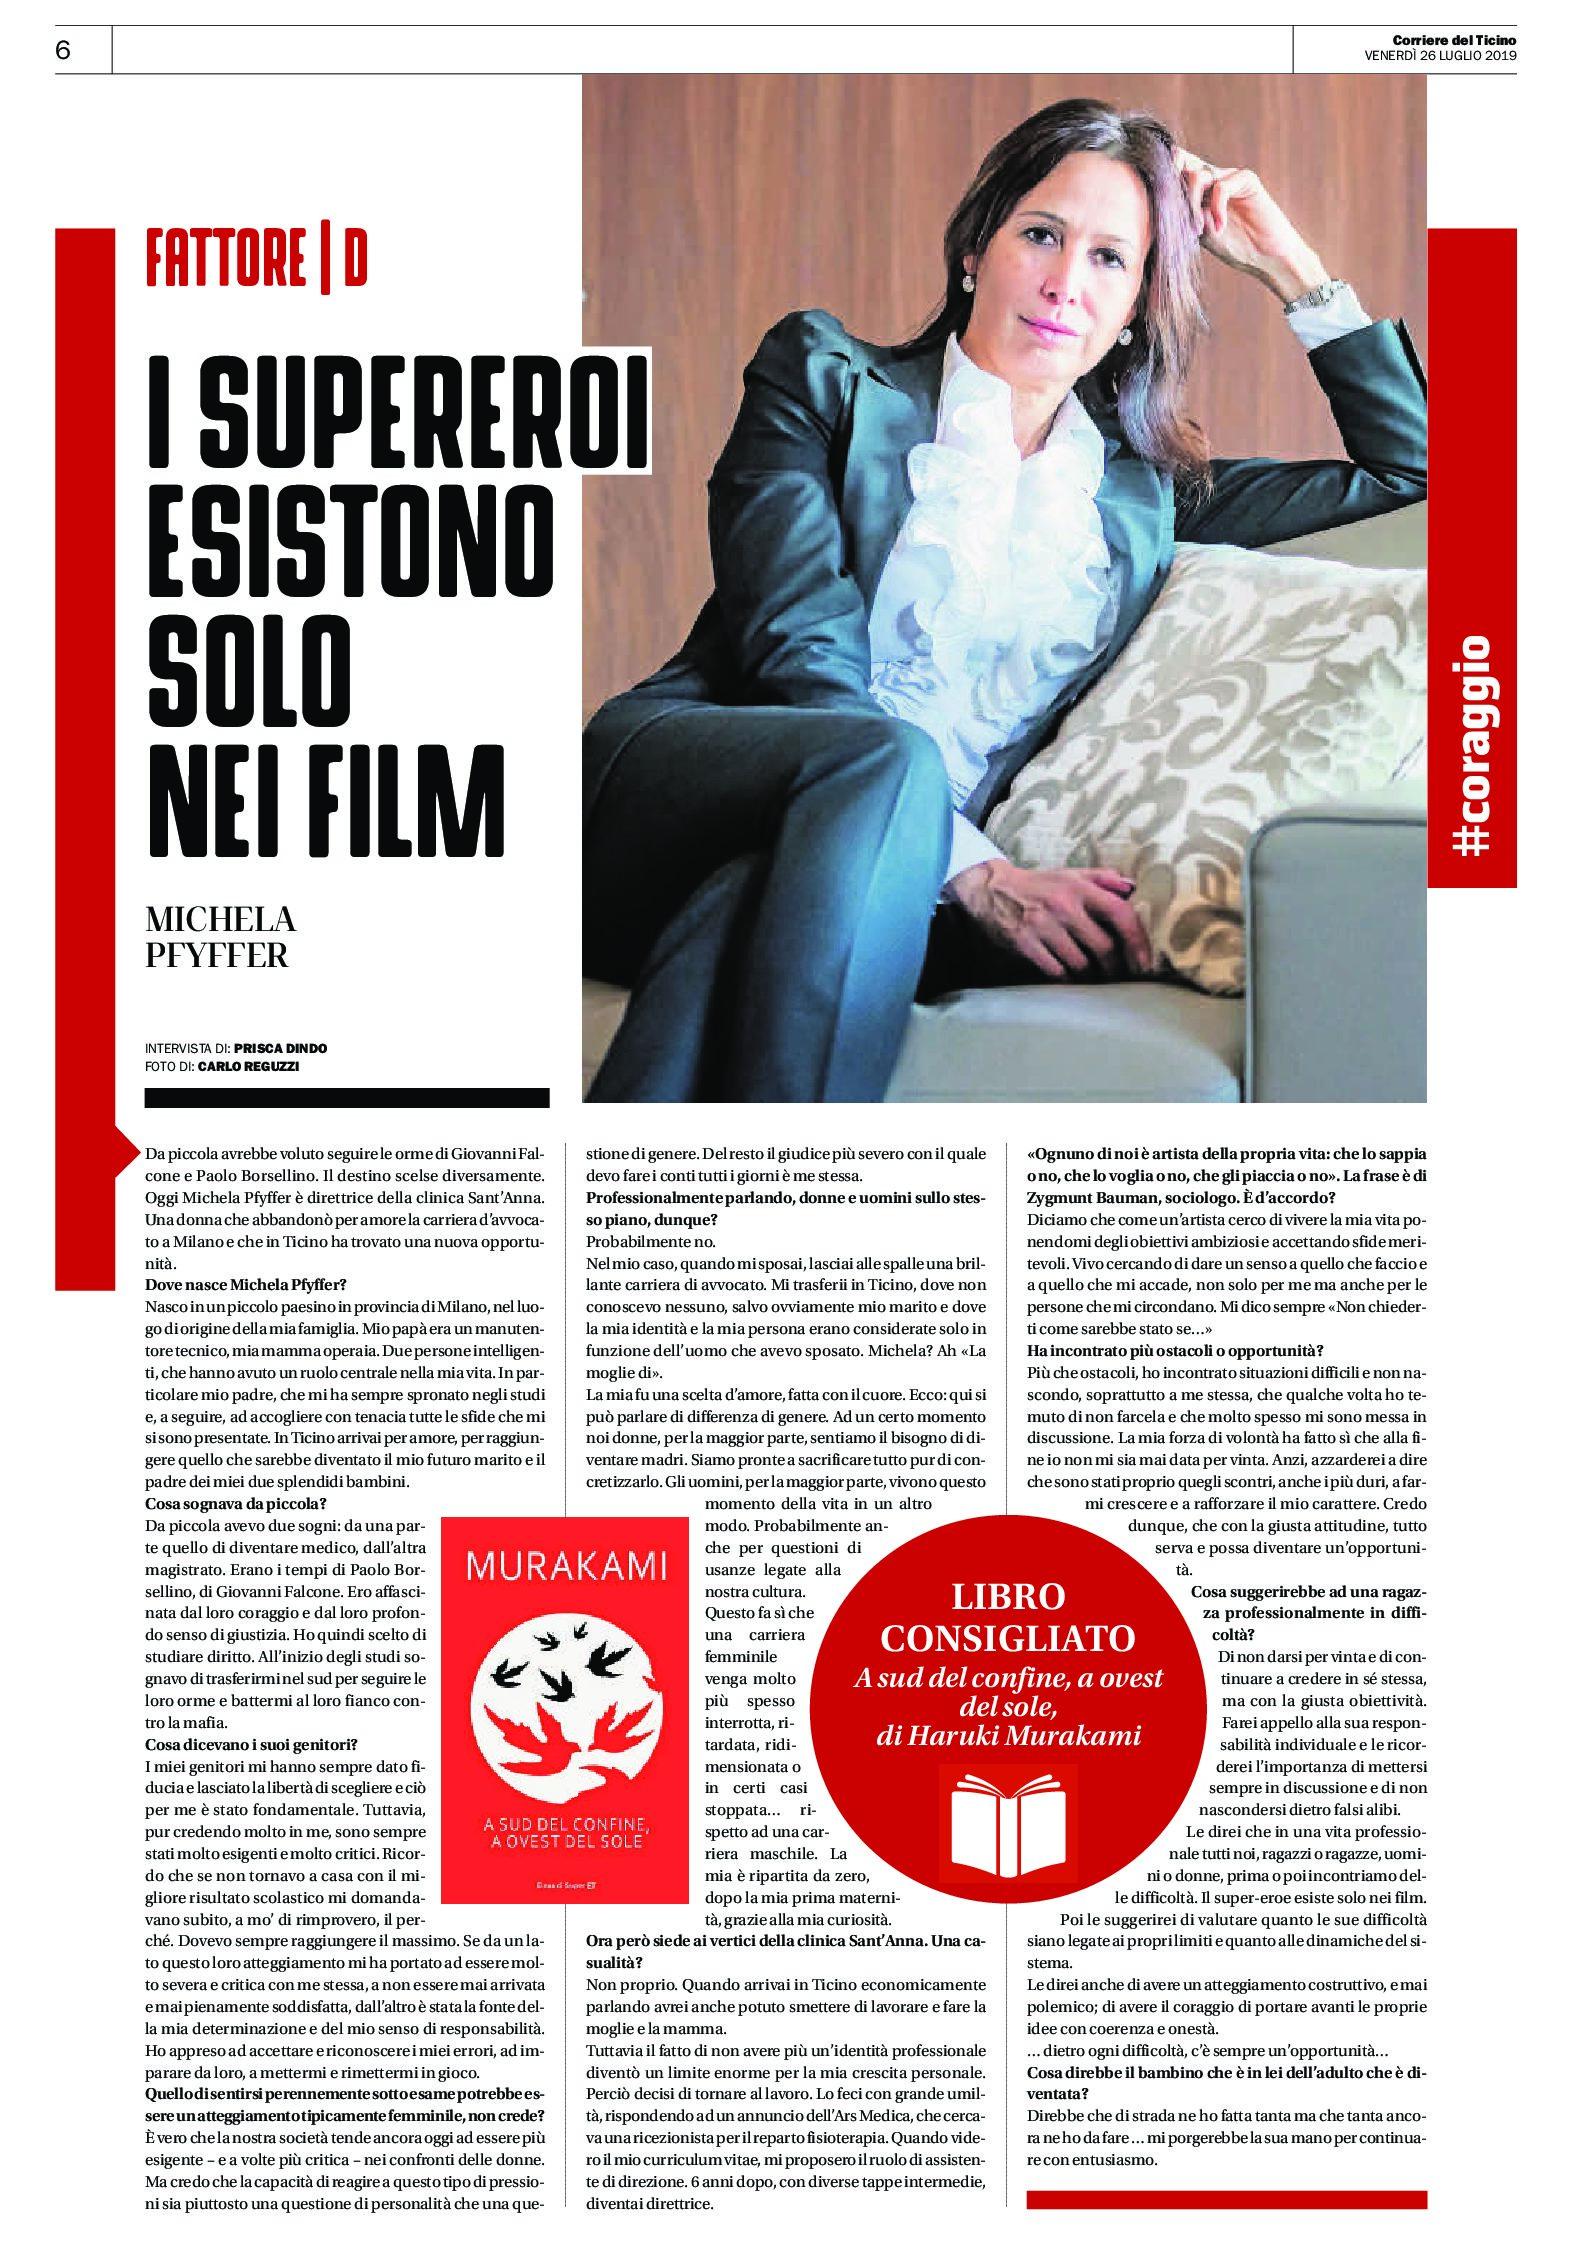 Intervista sul Corriere del Ticino